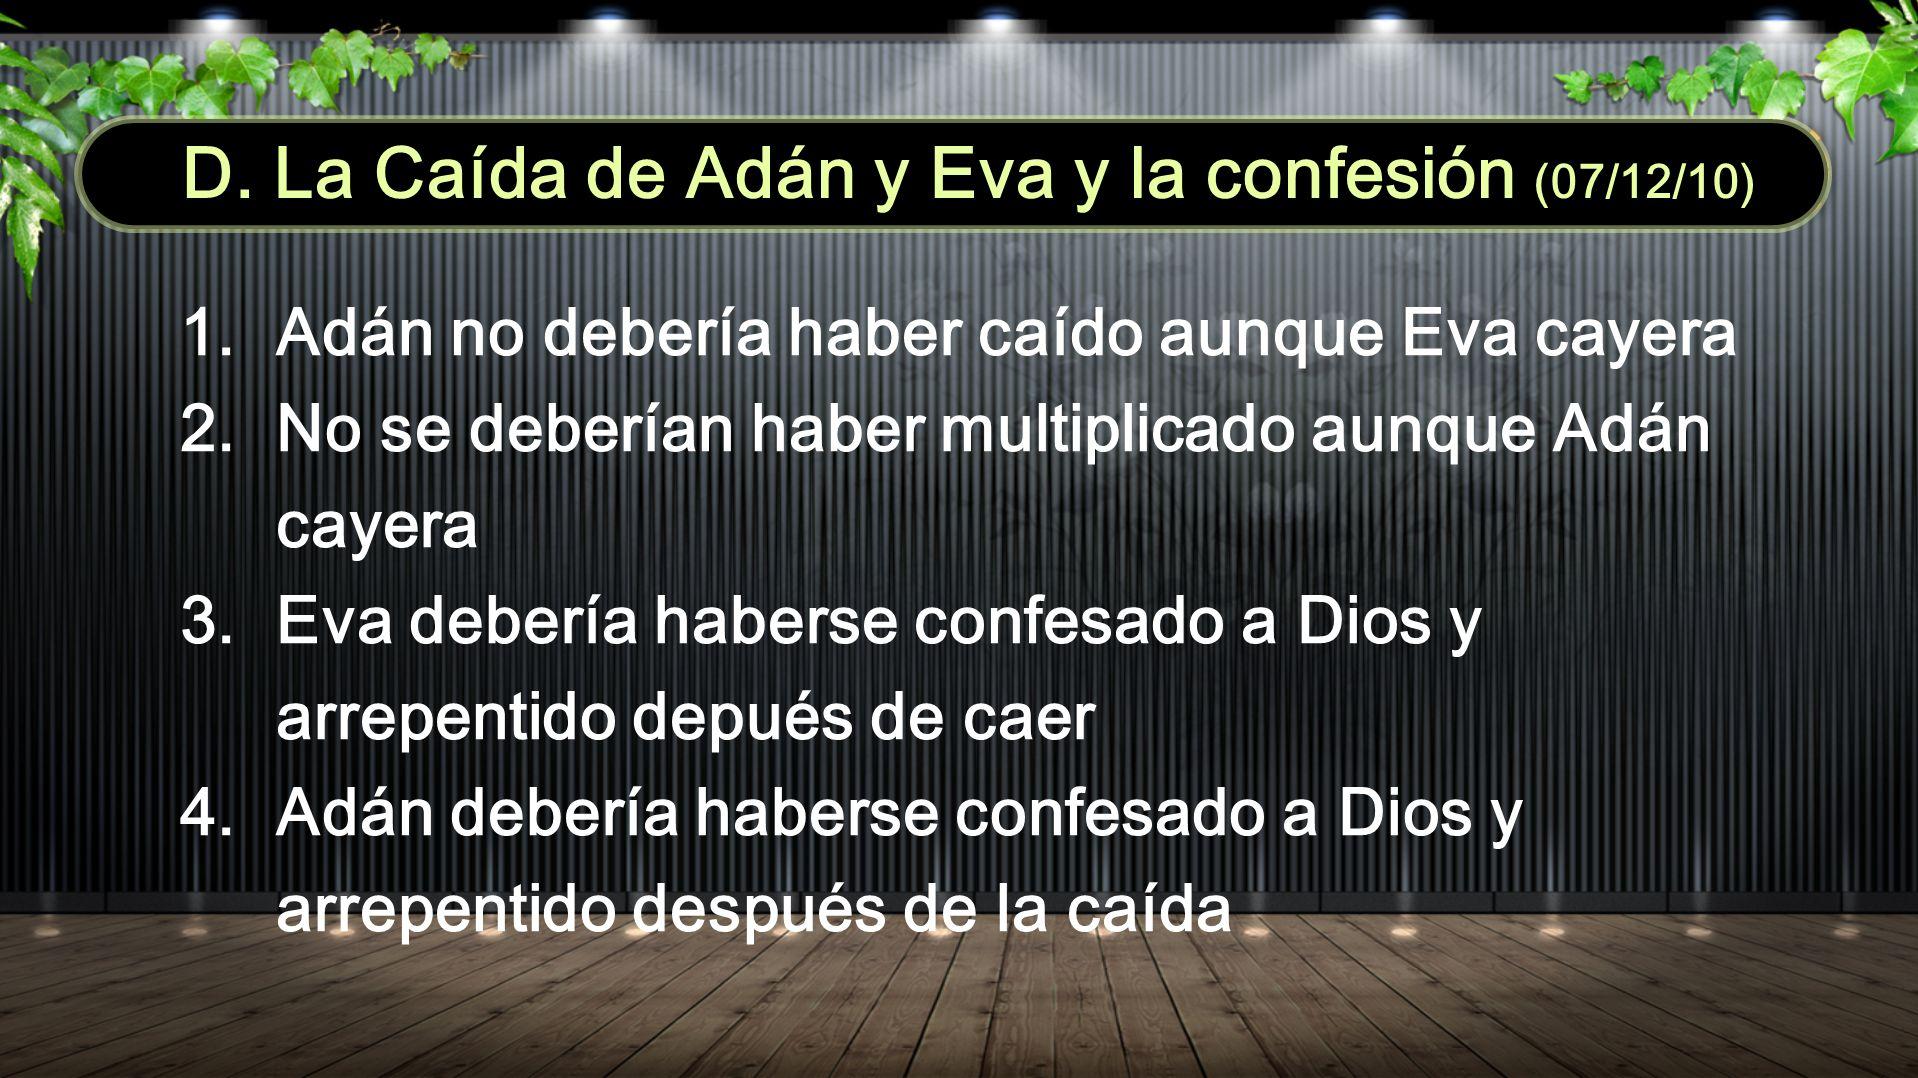 D. La Caída de Adán y Eva y la confesión (07/12/10)